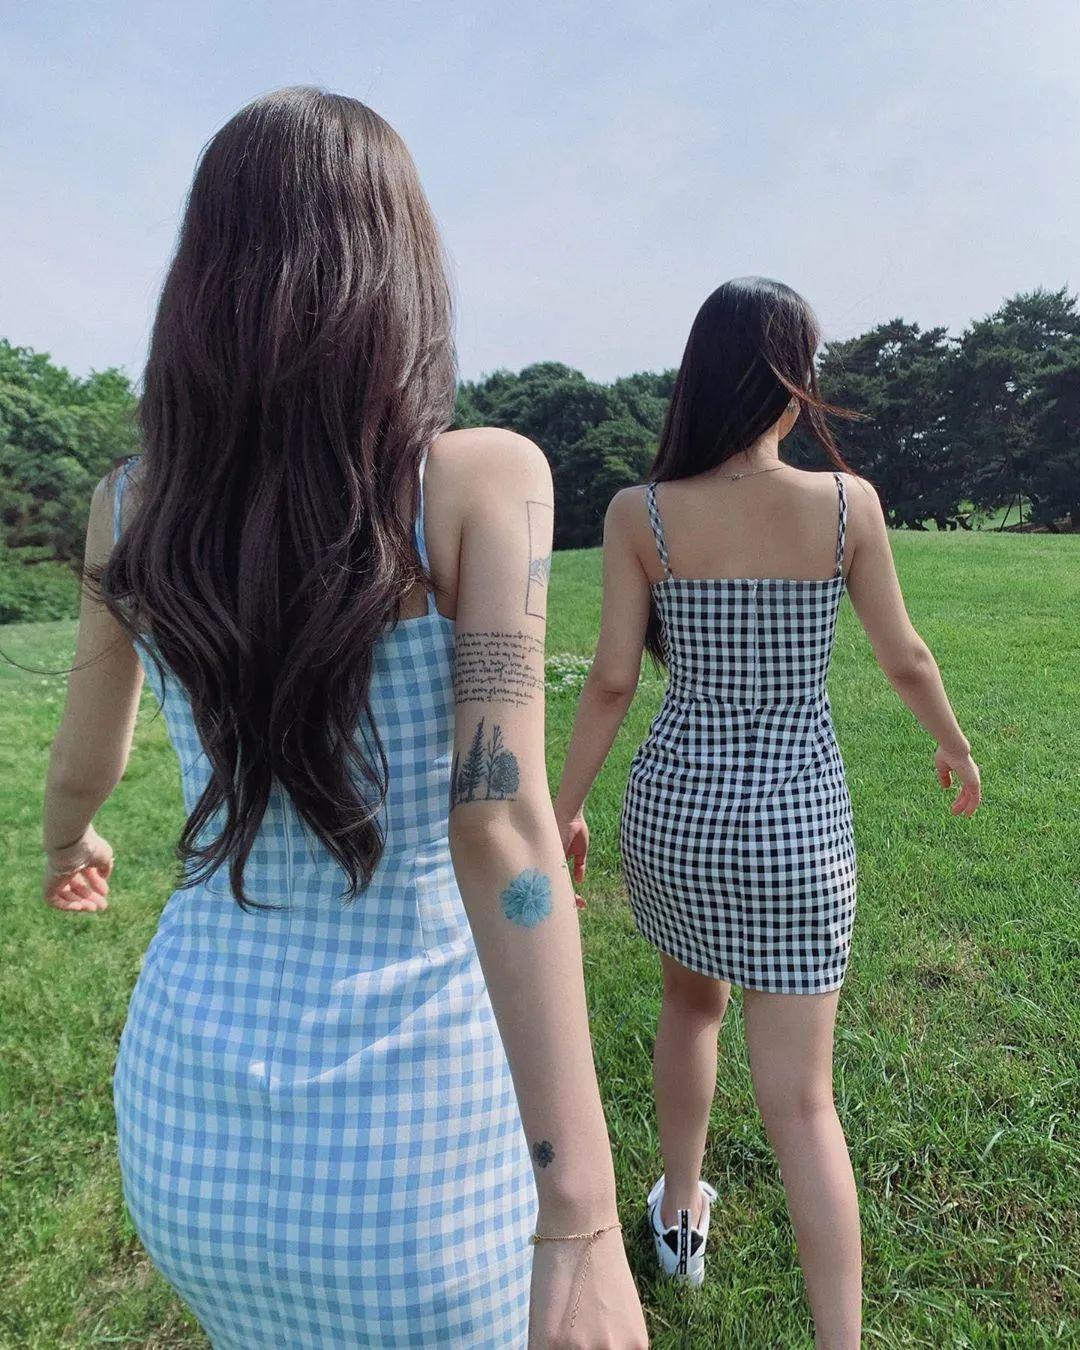 妹子摄影 – 格子连衣裙双倍快乐姐妹花,这是在野炊吗?_图片 No.6